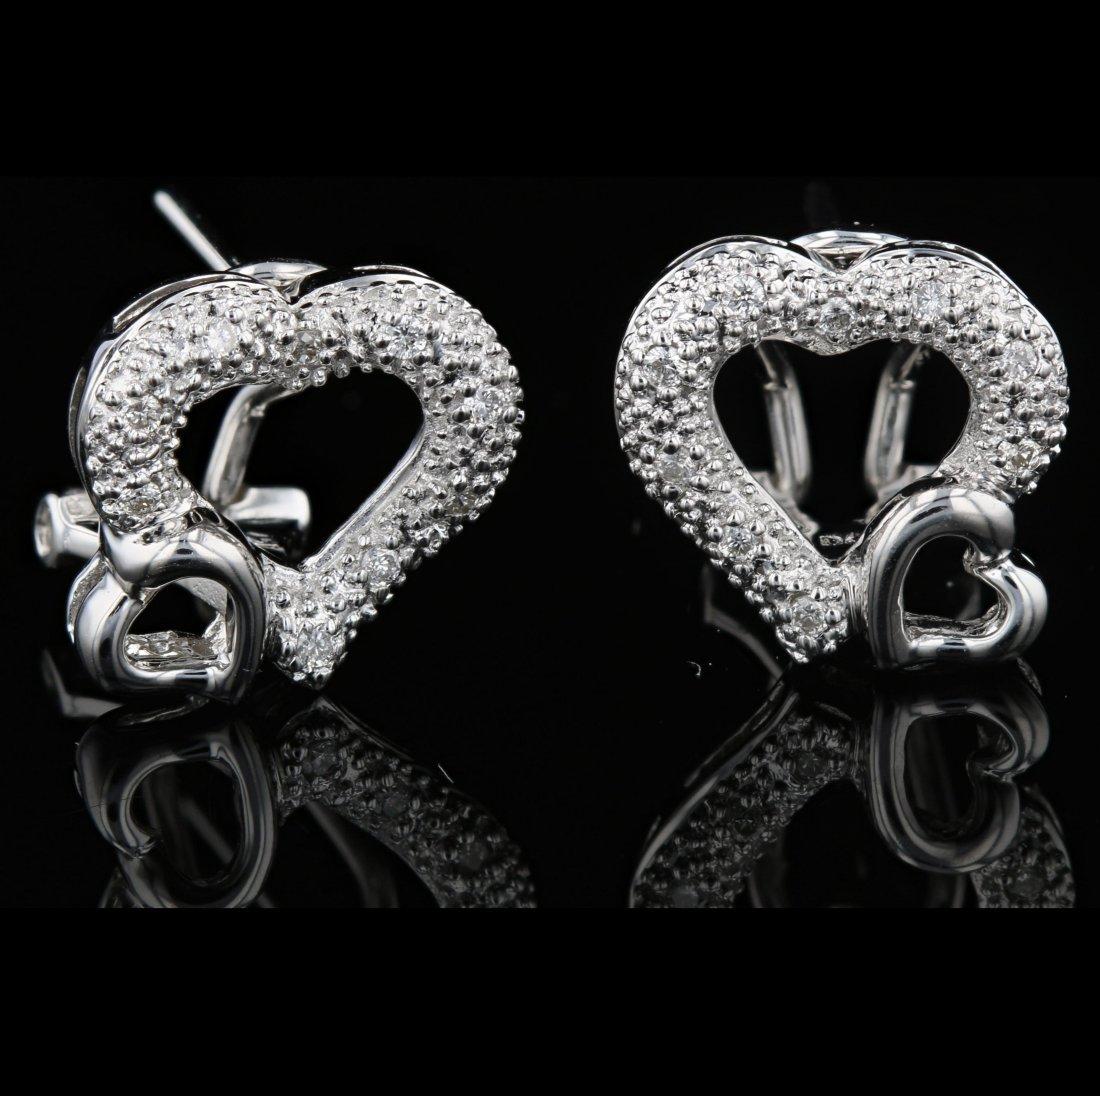 18k White Gold, 0.16CT Diamond Earring